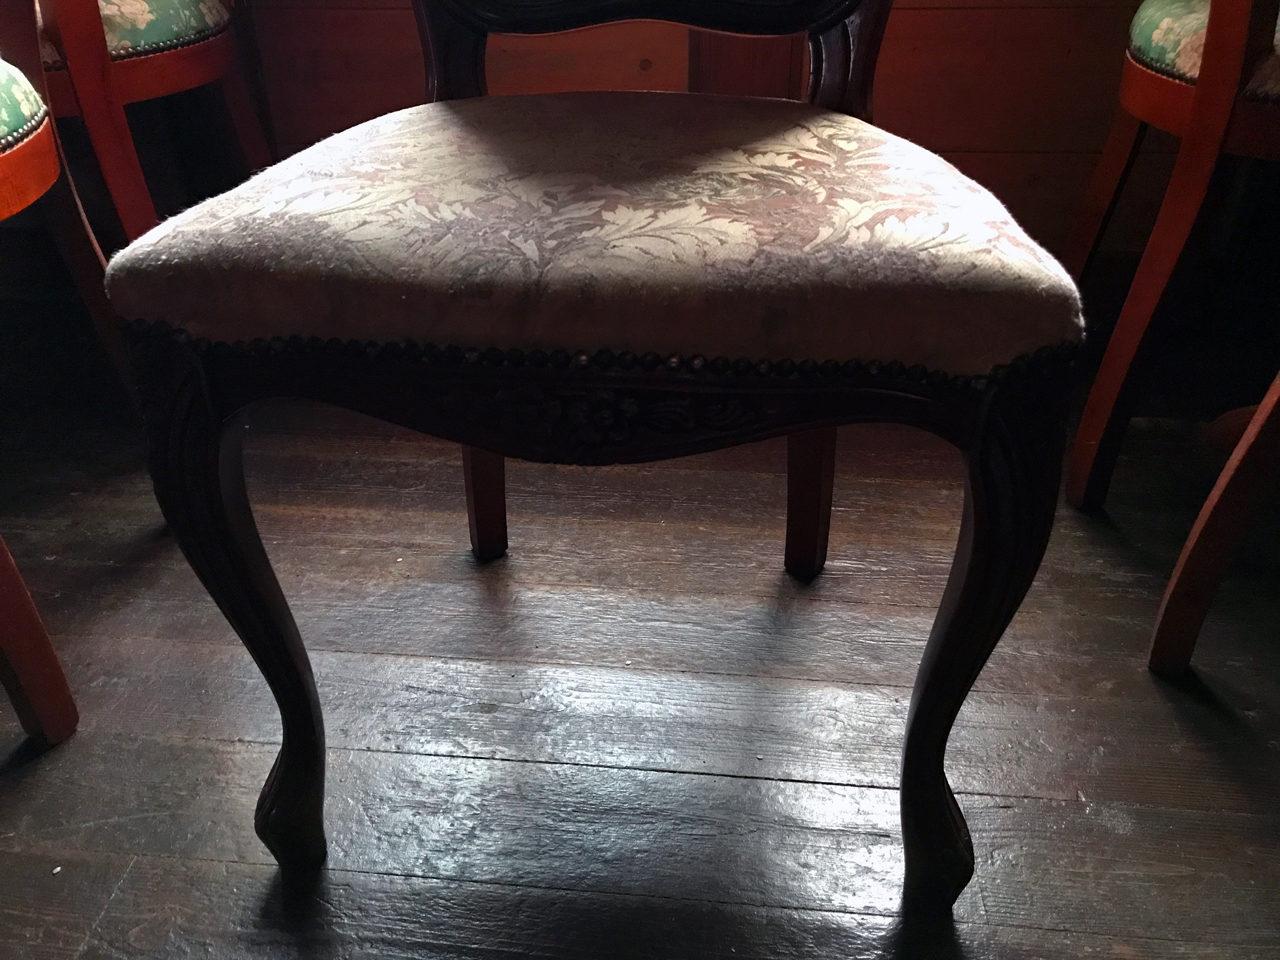 I邸(市街化調整区域での建替え)の既設喫茶店のアンティーク椅子